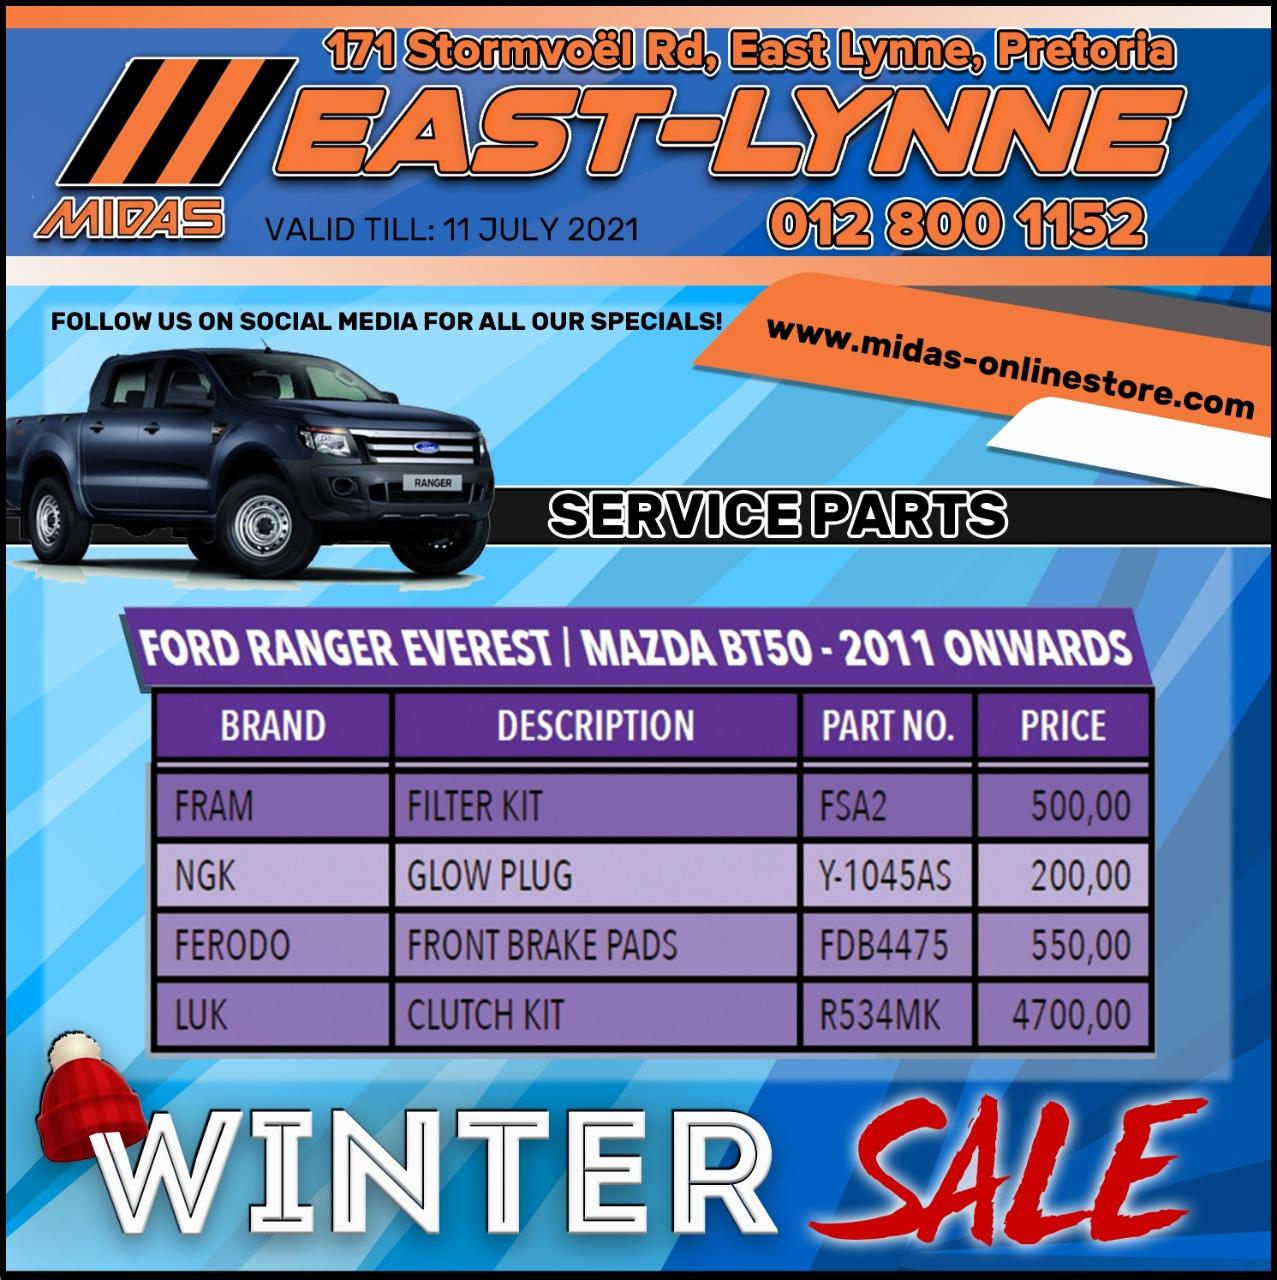 Ford Ranger Everest / Mazda BT50 - 2011 onwards Service Parts!